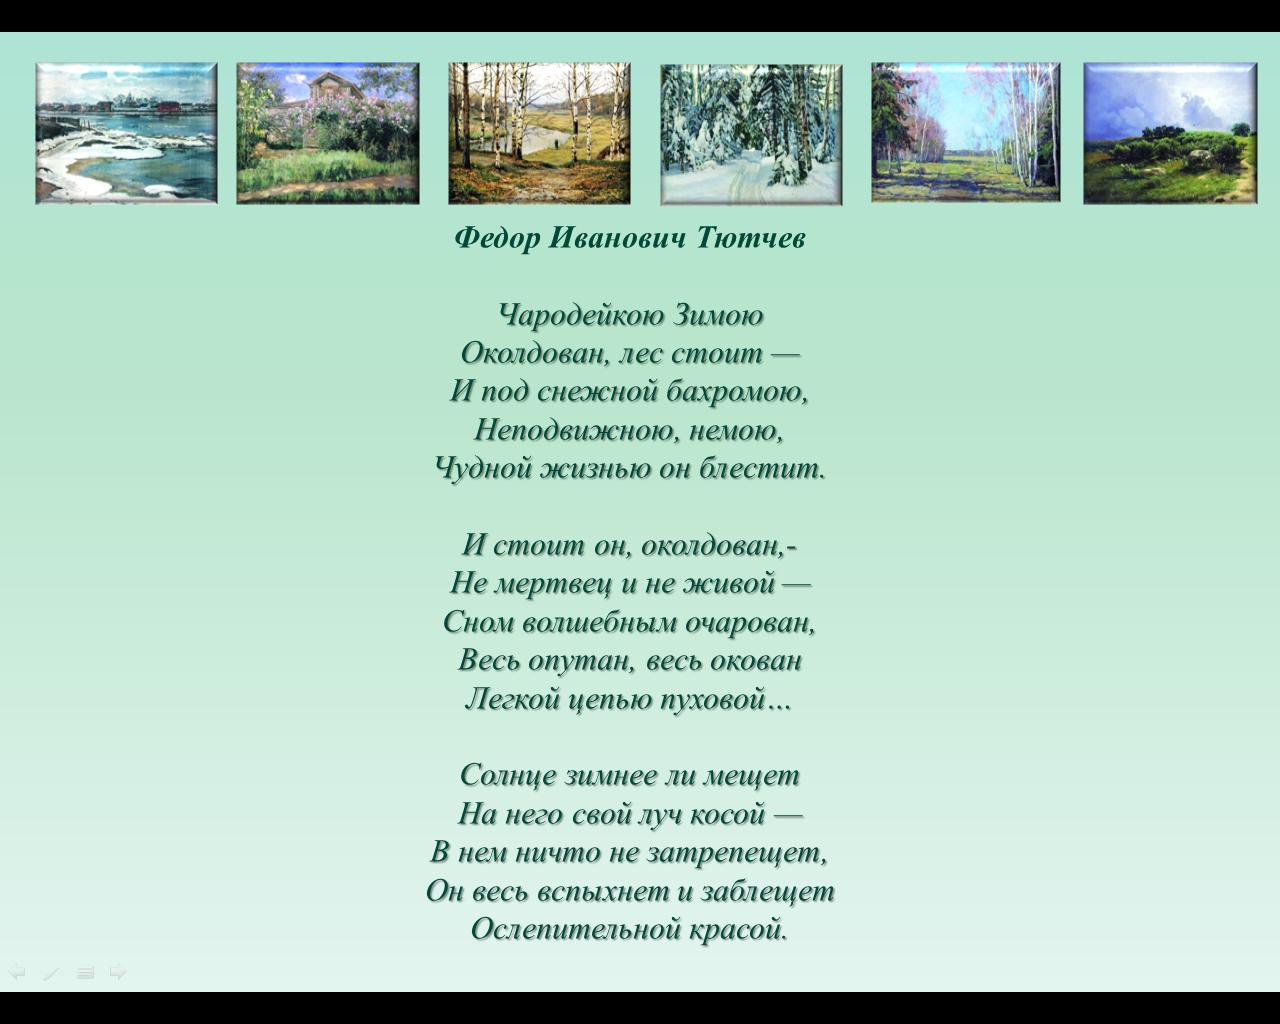 духов французских, 7 класс стихи русских поэтов 19 века пошло название старейшей